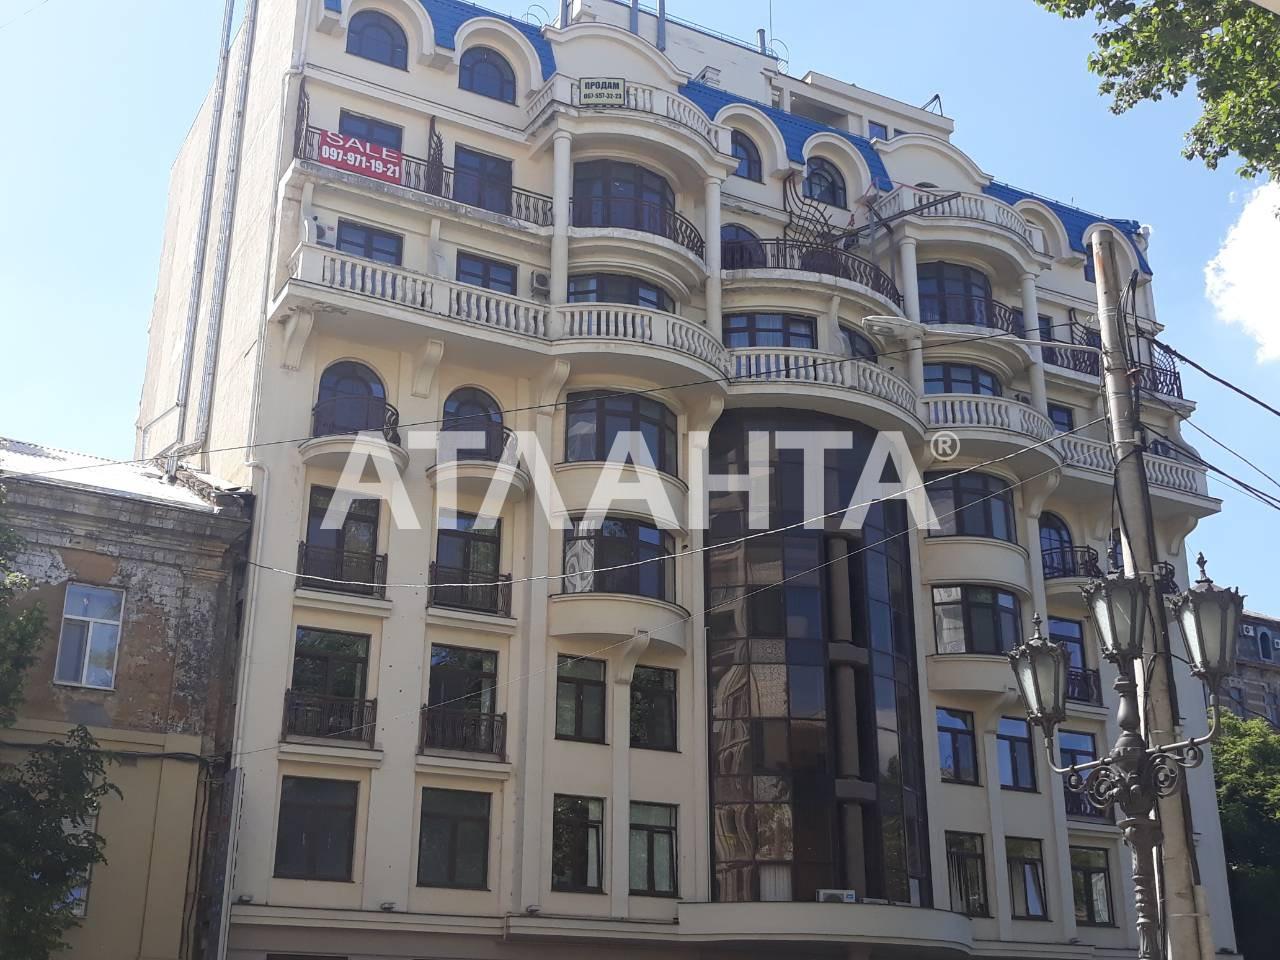 Продается 1-комнатная Квартира на ул. Военный Сп. (Жанны Лябурб Сп.) — 187 000 у.е. (фото №2)